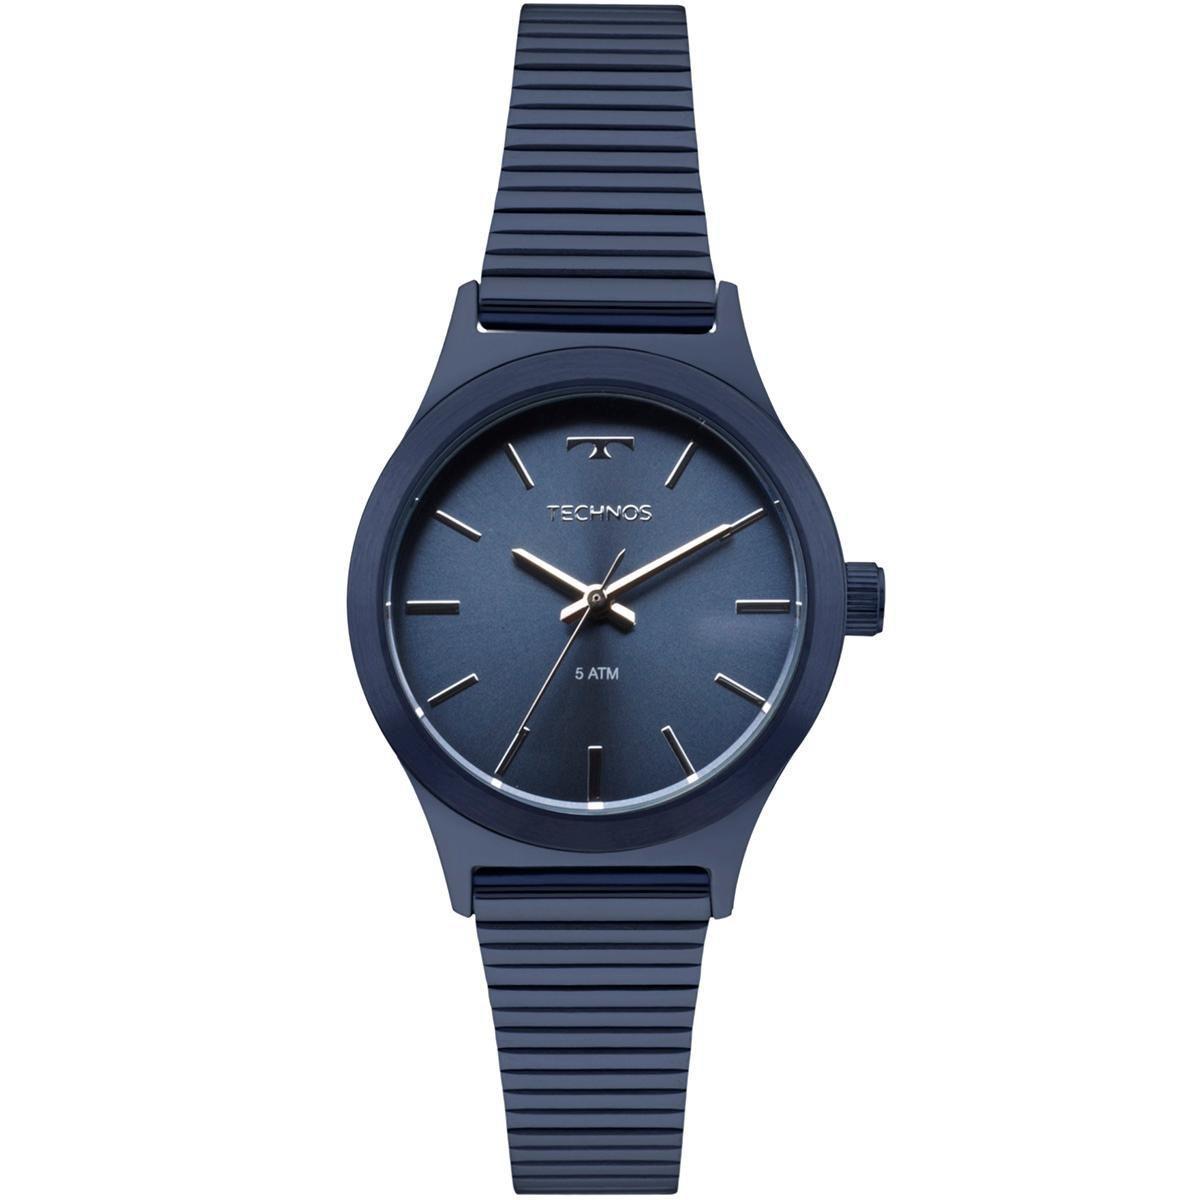 Relógio Feminino Technos Elegance Boutique 2035MMI/4A 30mm Aço Azul